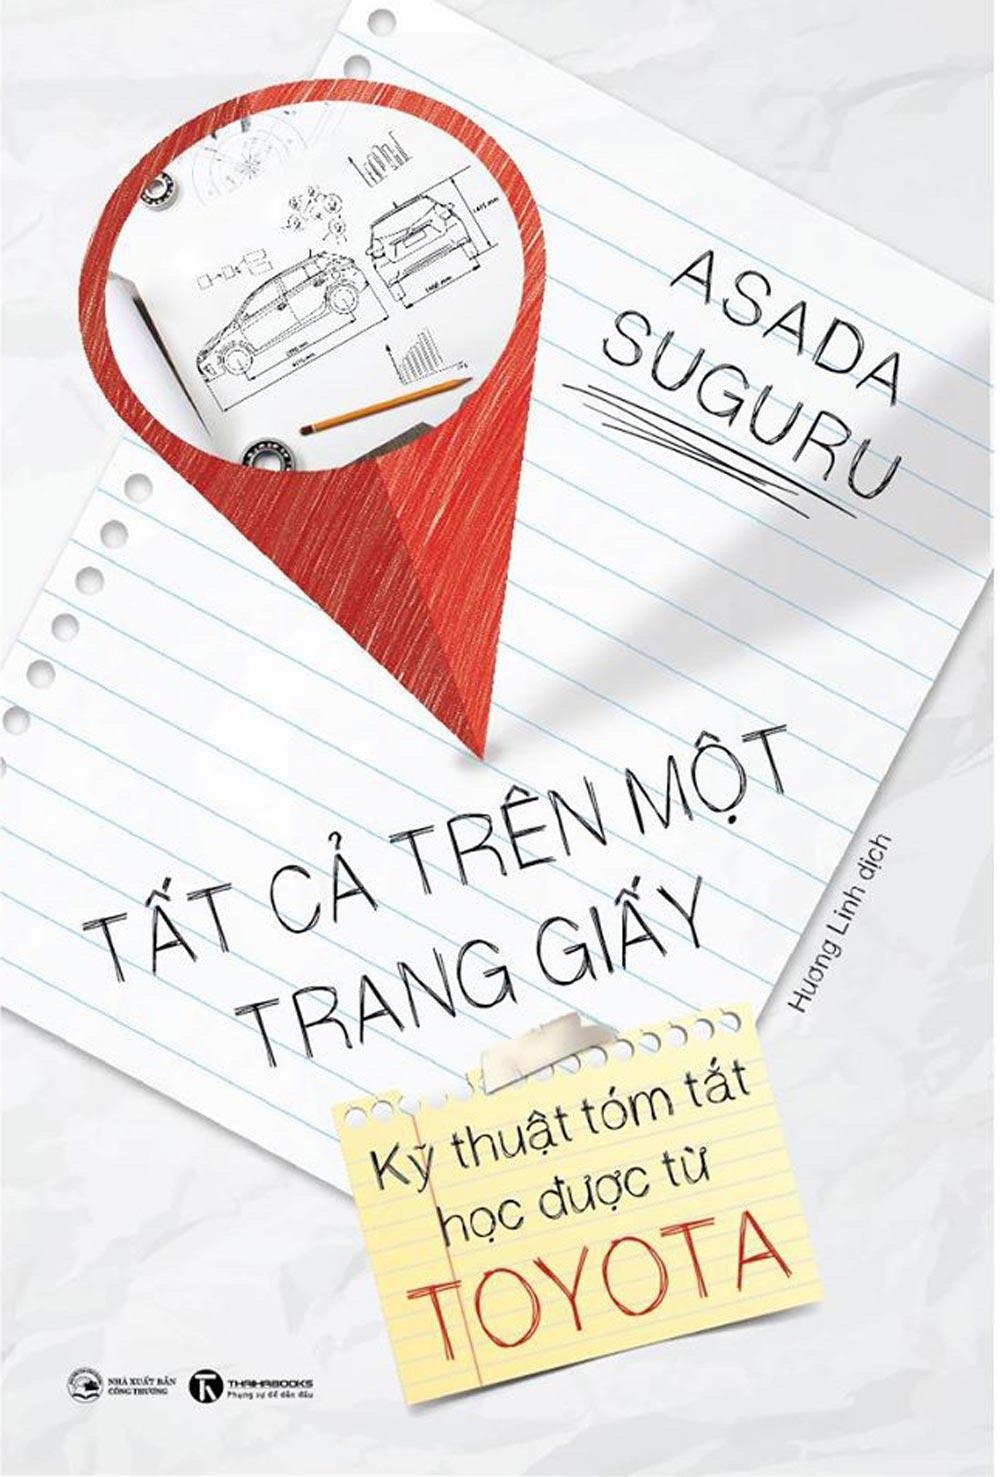 Tất Cả Trên Một Trang Giấy - Kỹ Thuật Tóm Tắt Học Được Từ Toyata - EBOOK/PDF/PRC/EPUB